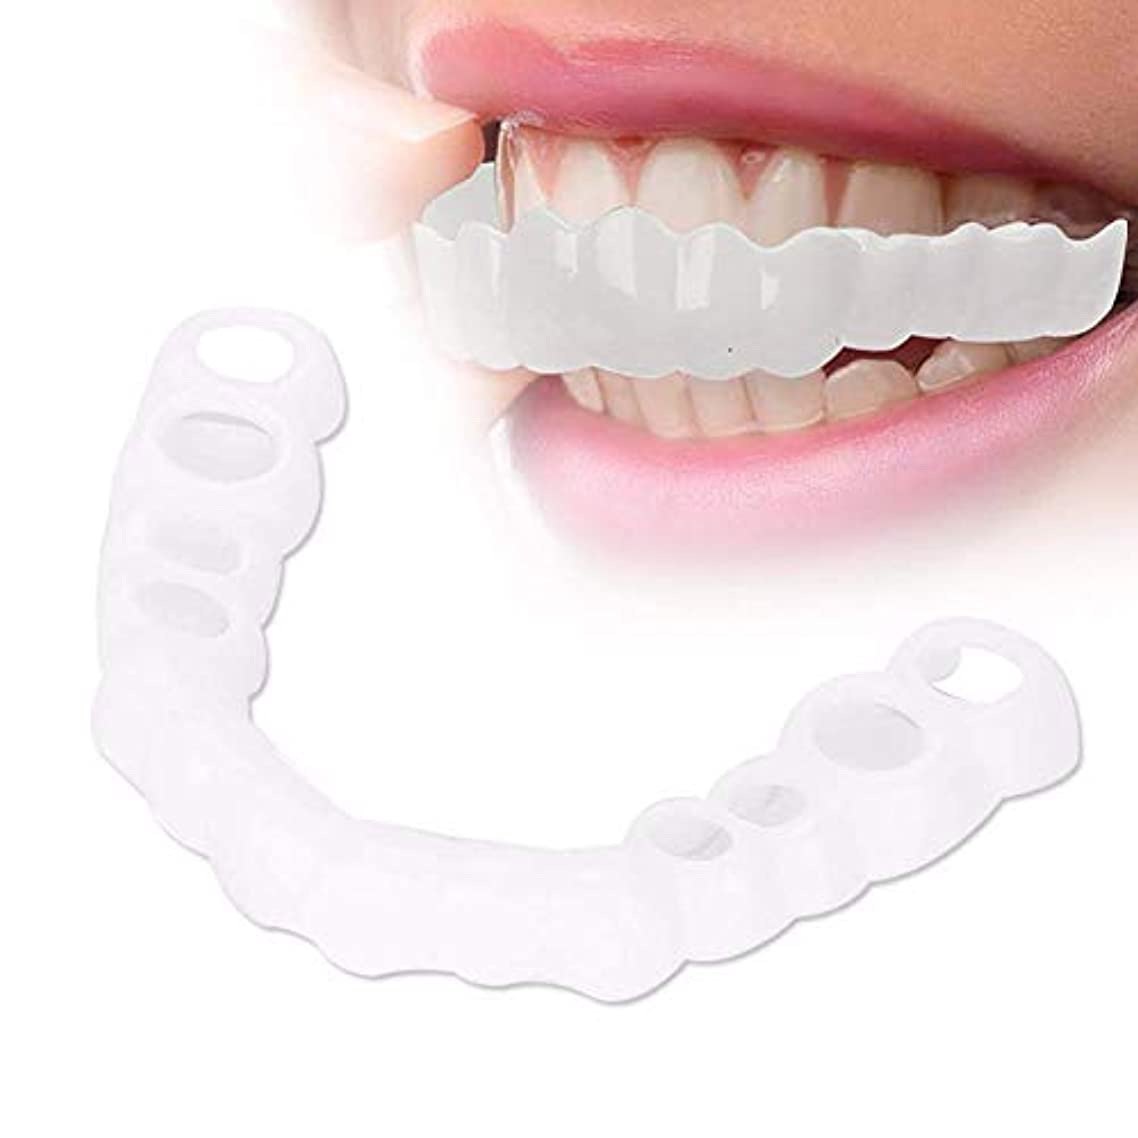 一時的な笑顔の快適さフィット化粧品の歯義歯のベニヤの歯快適さのフィットフレックス化粧品の歯の歯のベニア(上の歯)